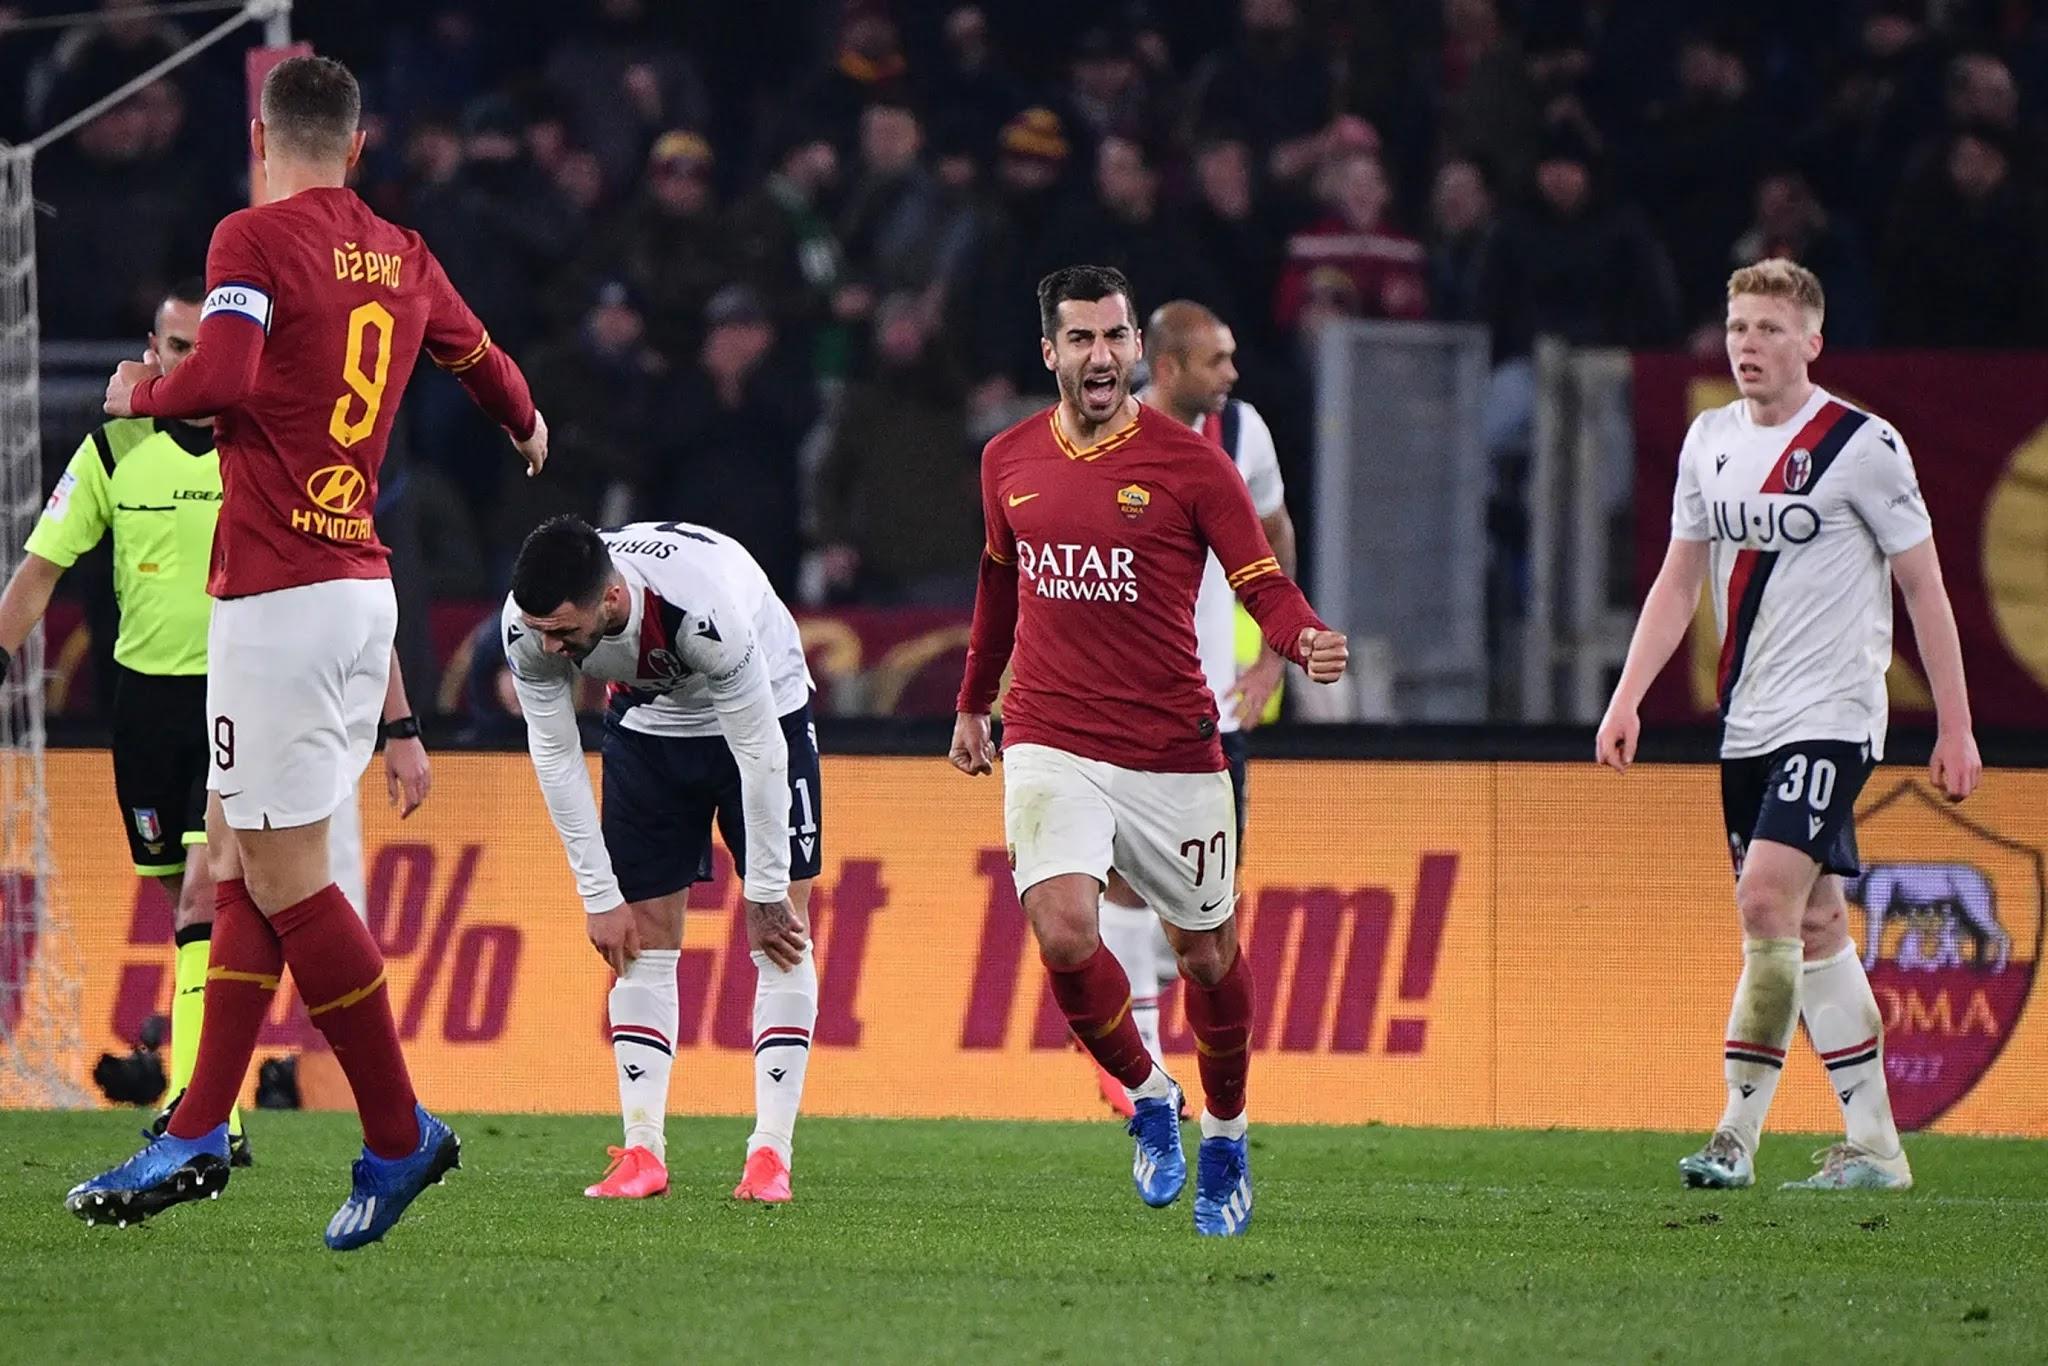 موعد مواجهة روما وبولونيا ضمن مواجهات الجوله الثلاثون من بطولة الدوري الايطالي